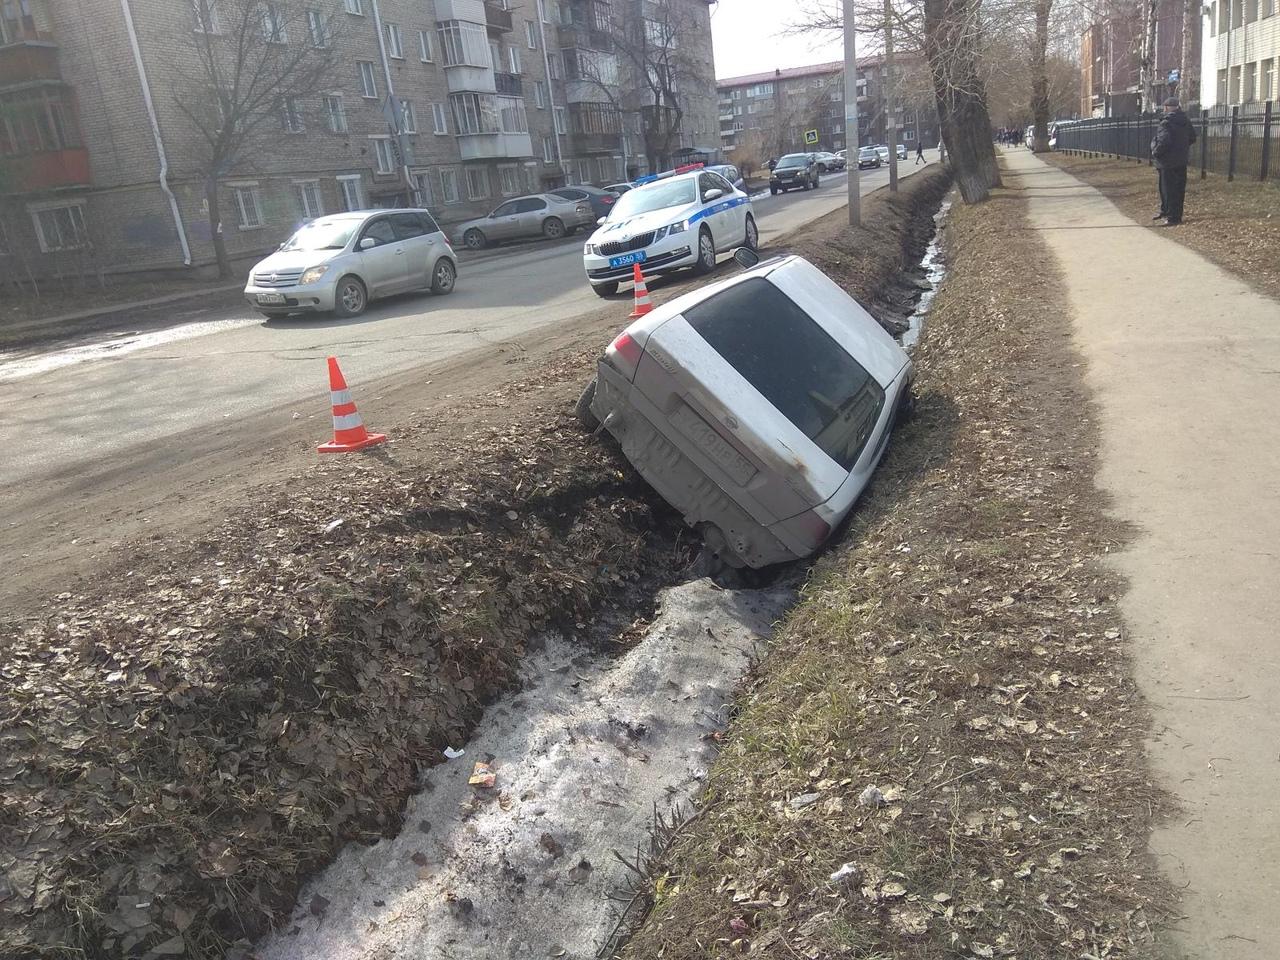 В Омске 69-летняя пьяная автоледи «прилегла» набок вместе с машиной #Омск #Общество #Сегодня